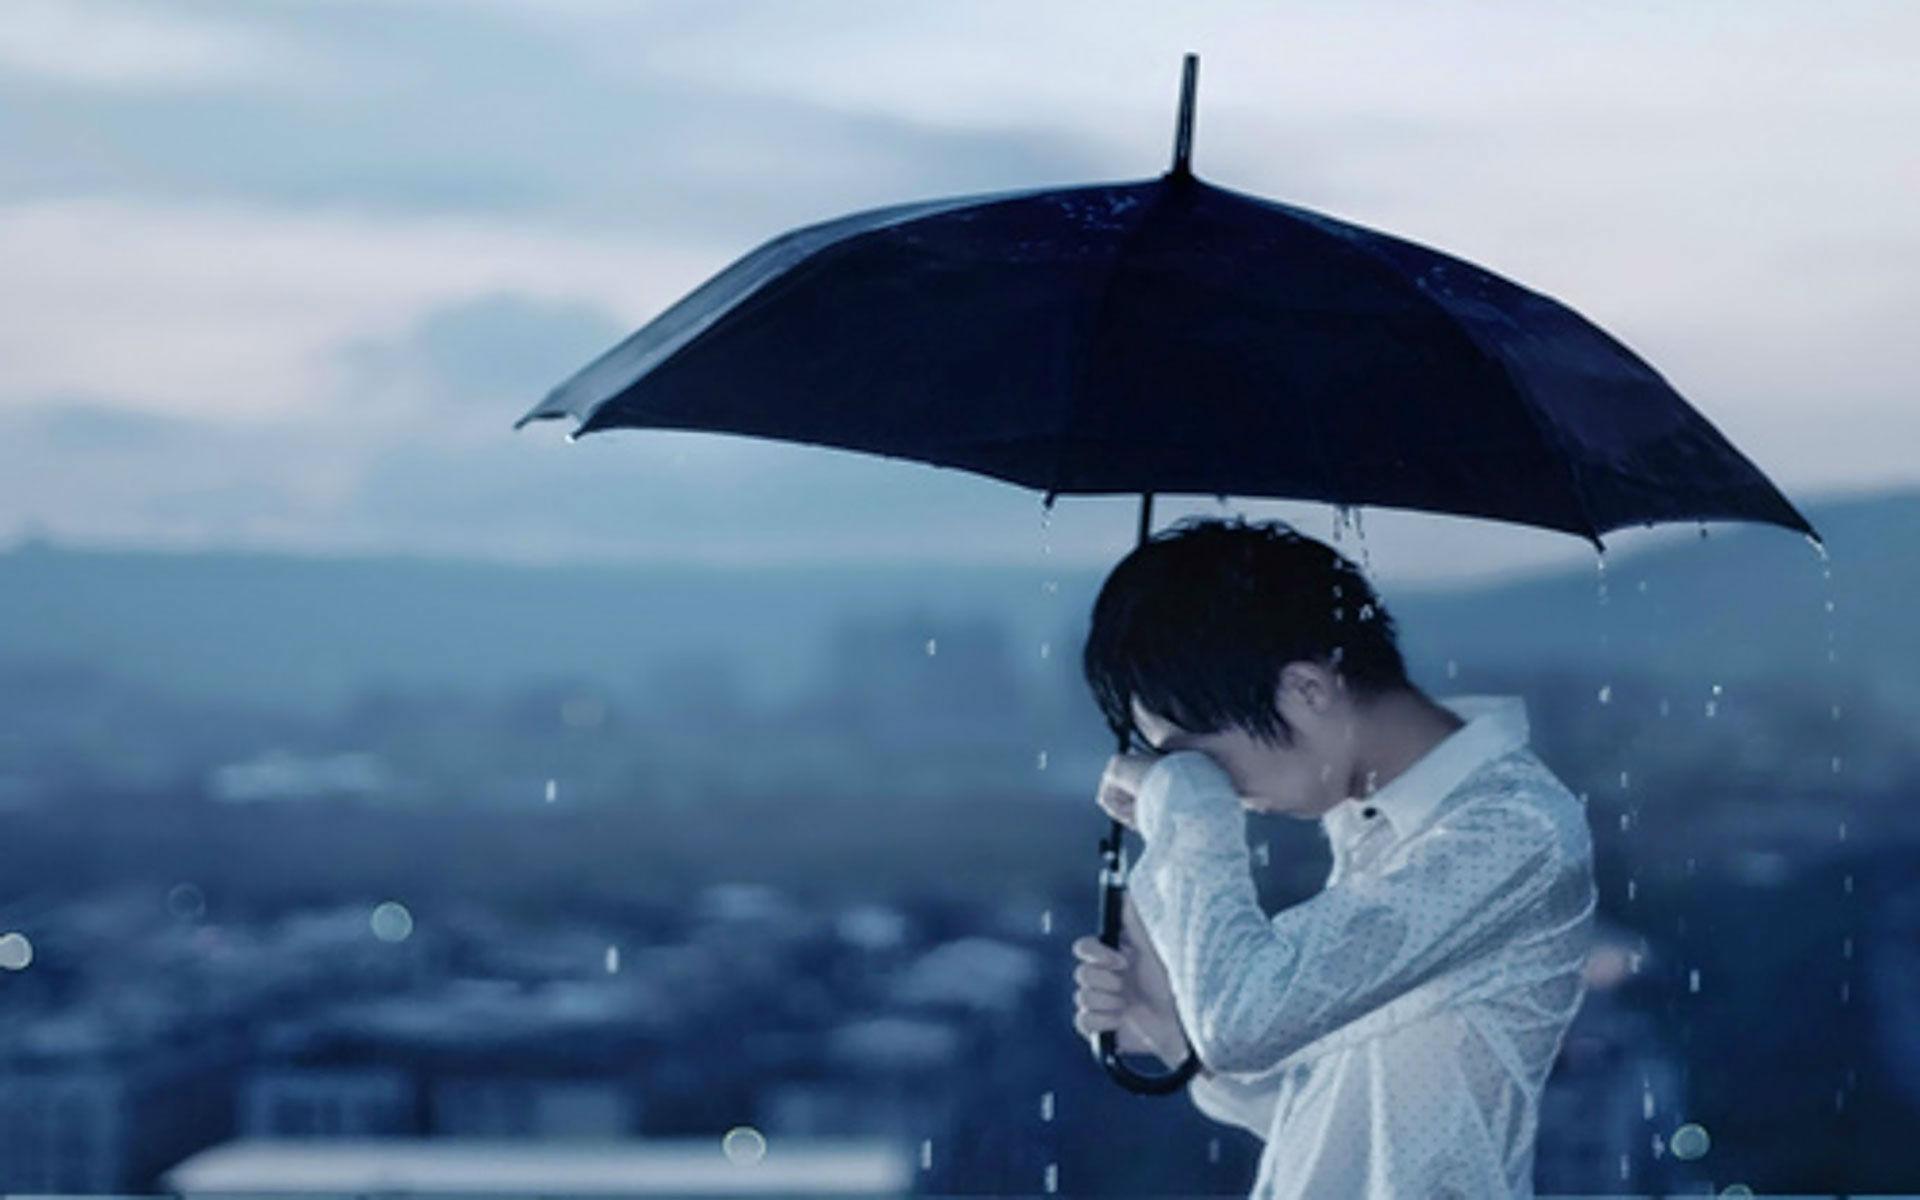 Hình nền buồn chàng trai khóc trong mưa